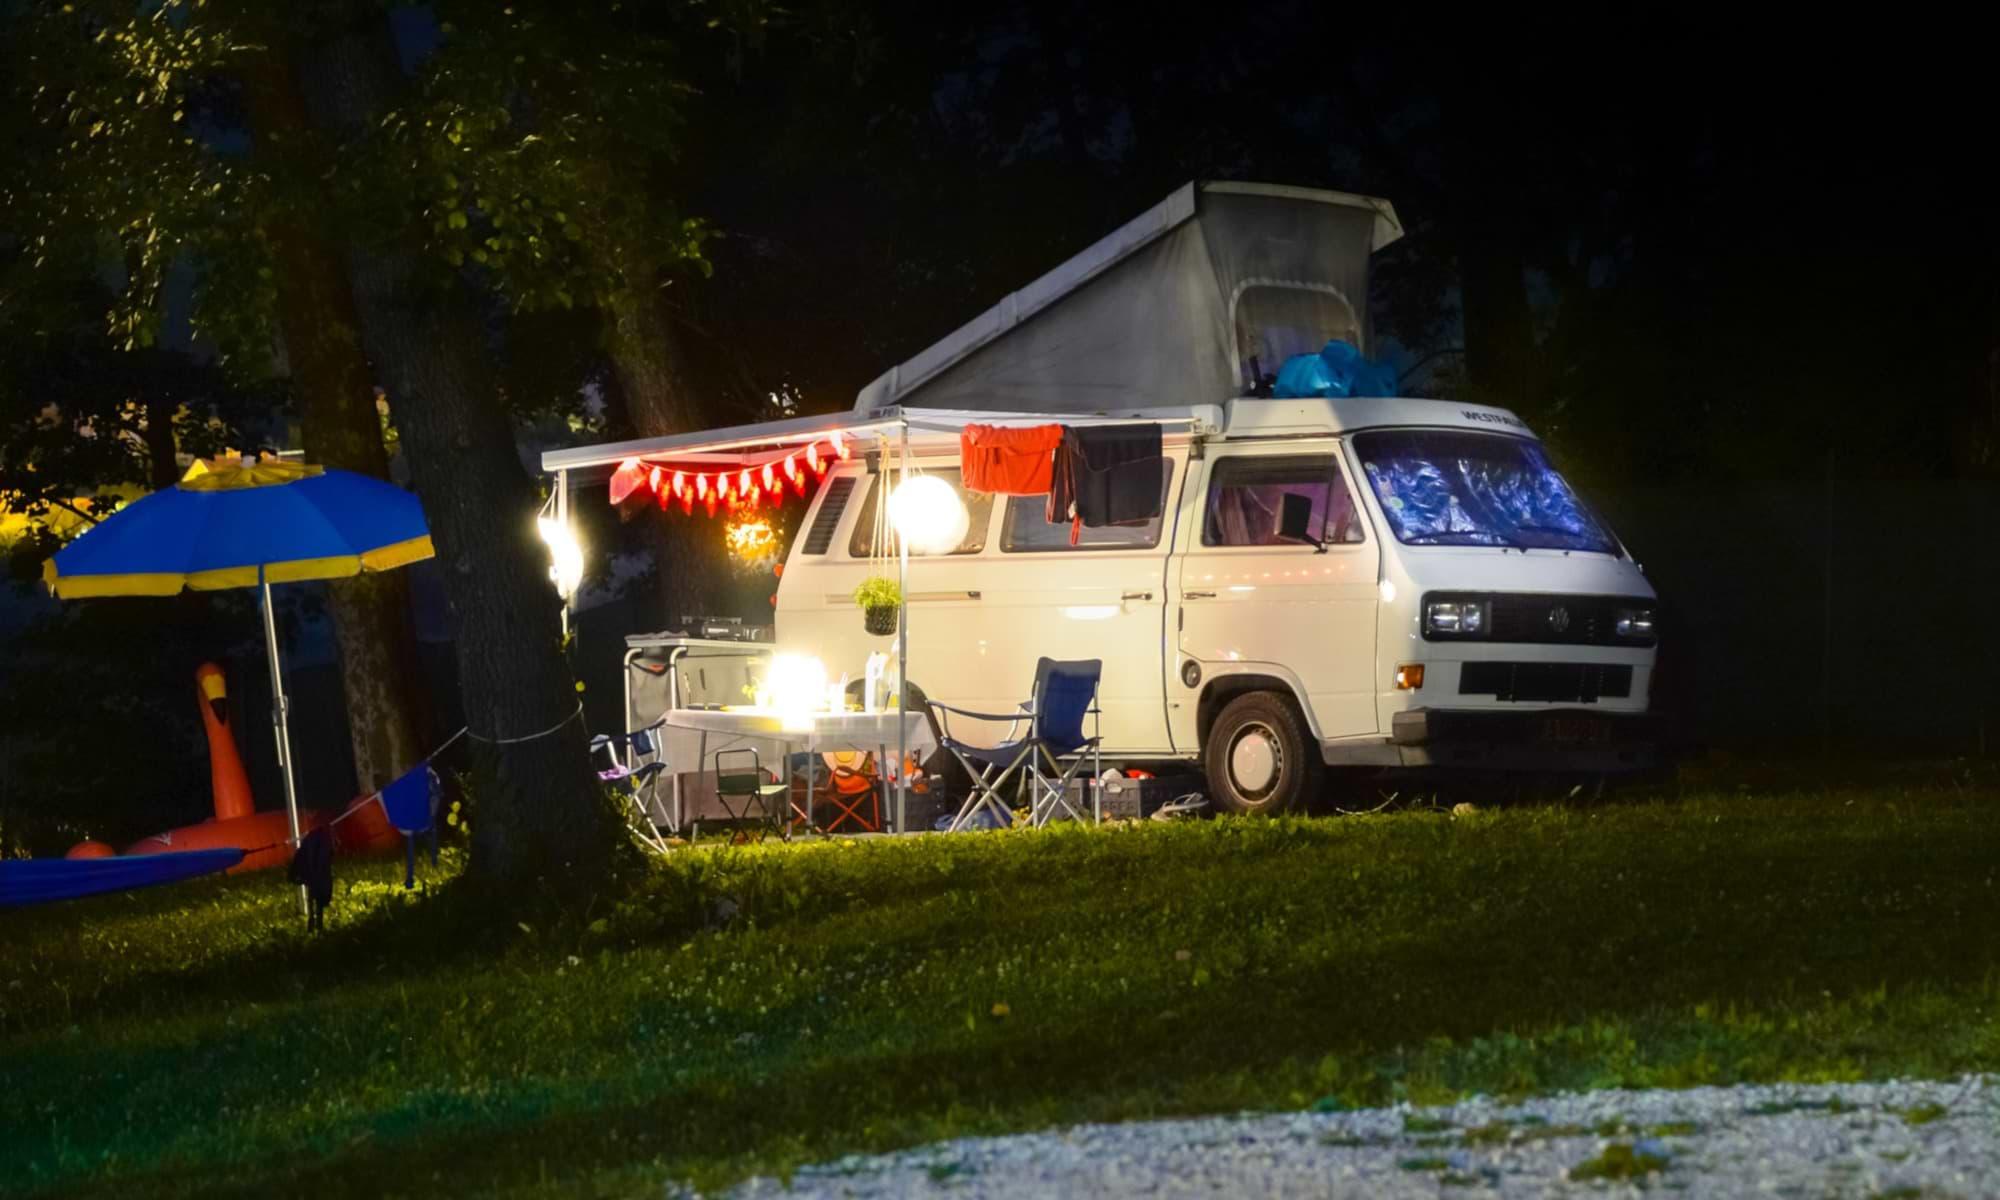 7 typische Camping Vorurteile